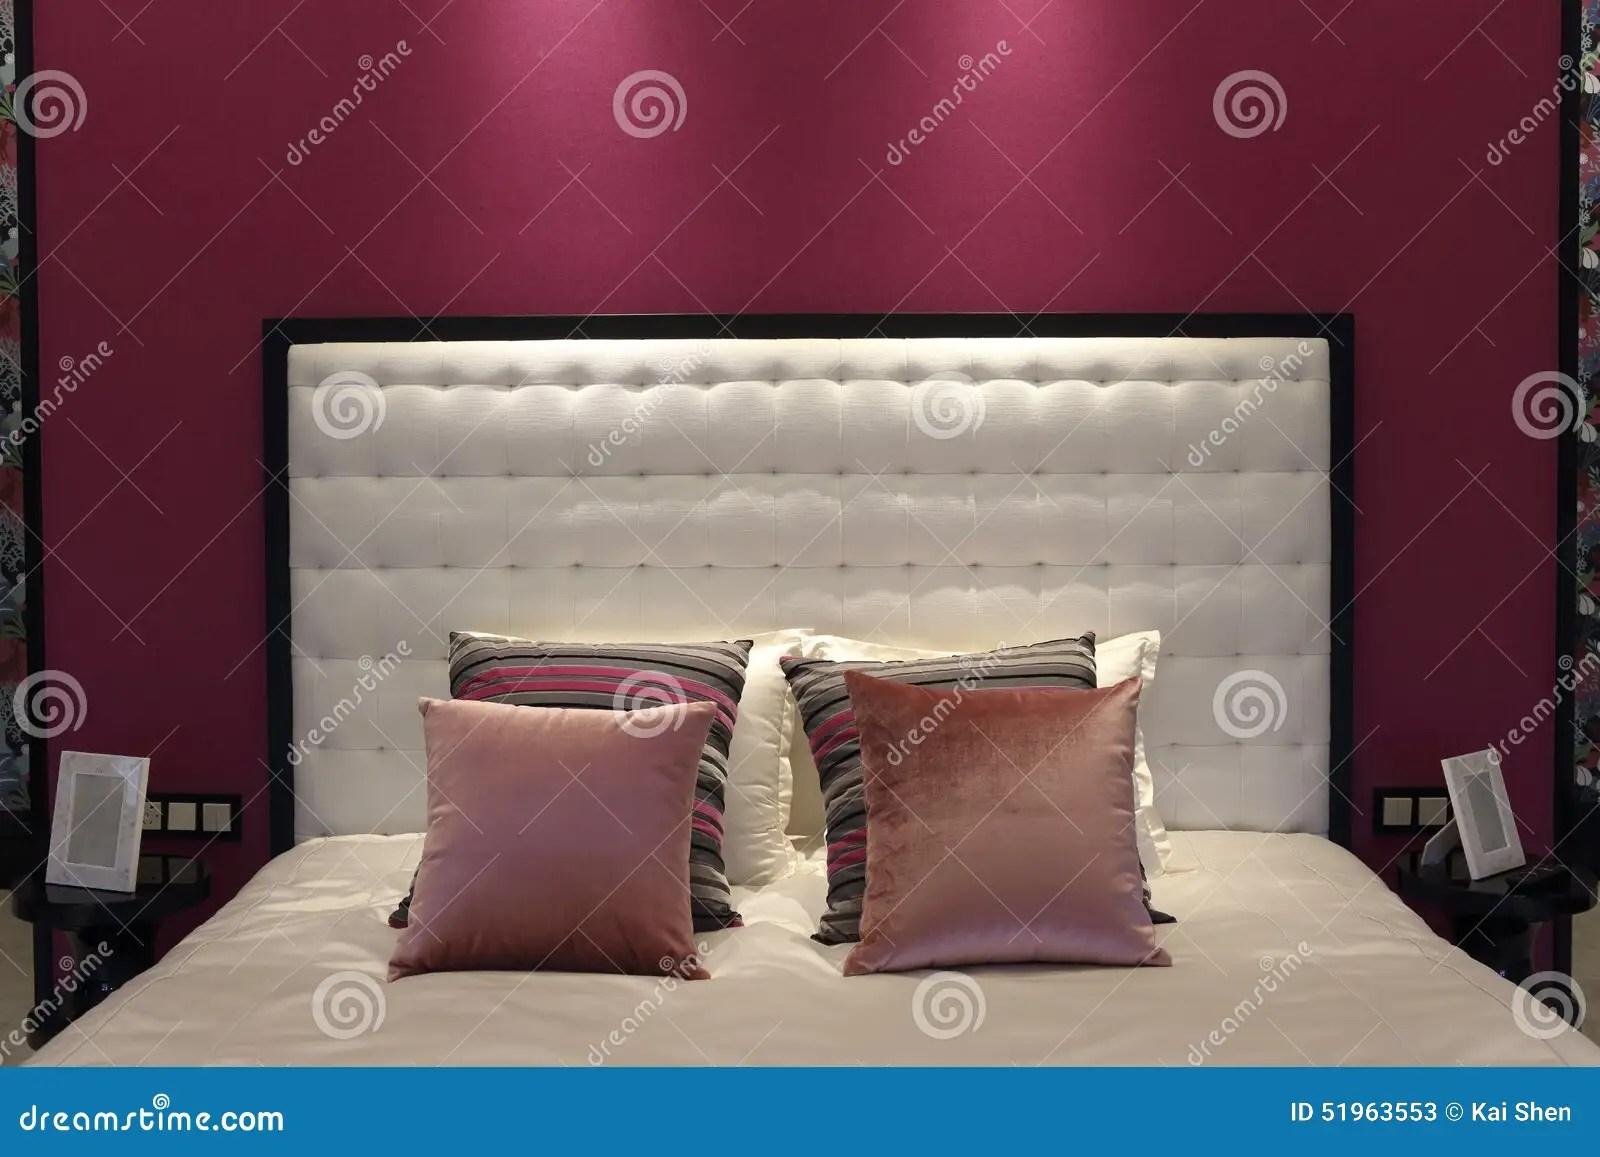 Camere Da Letto Romantiche Con Petali Di Rosa : Camera da letto con petali di rosa arredare la camera da letto